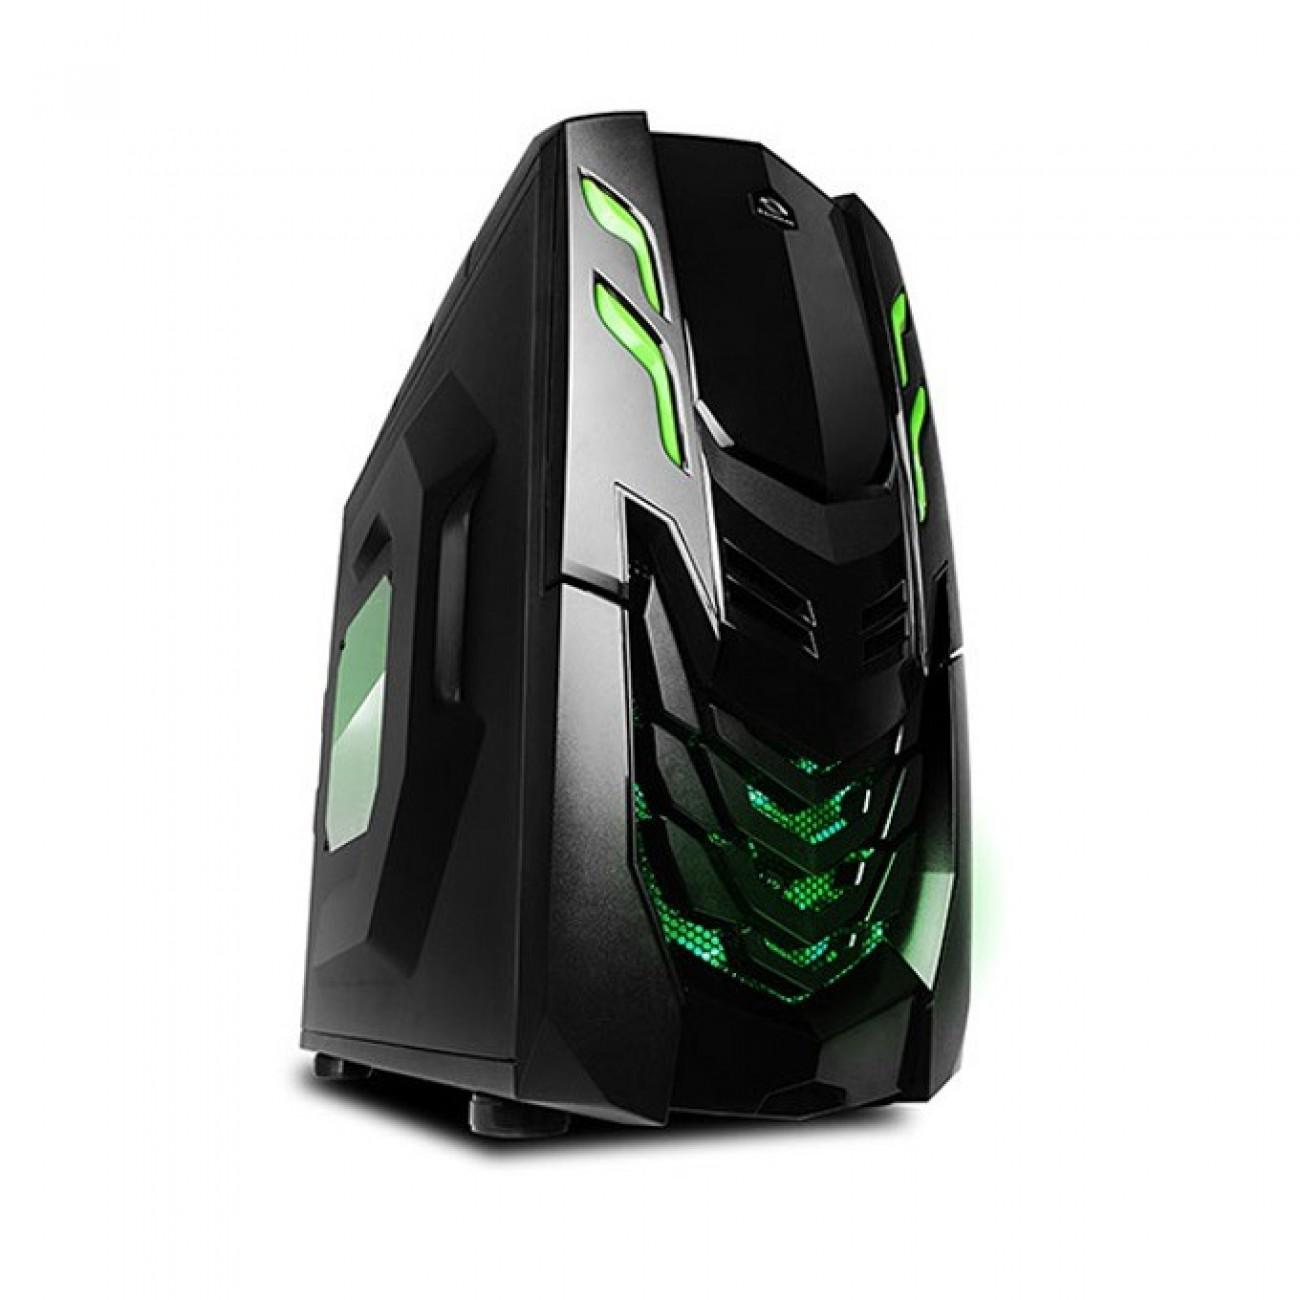 Кутия Raidmax VIPER GX, ATX/Micro ATX, 2x USB3.0, черна/зелена, без захранване в Компютърни кутии -  | Alleop